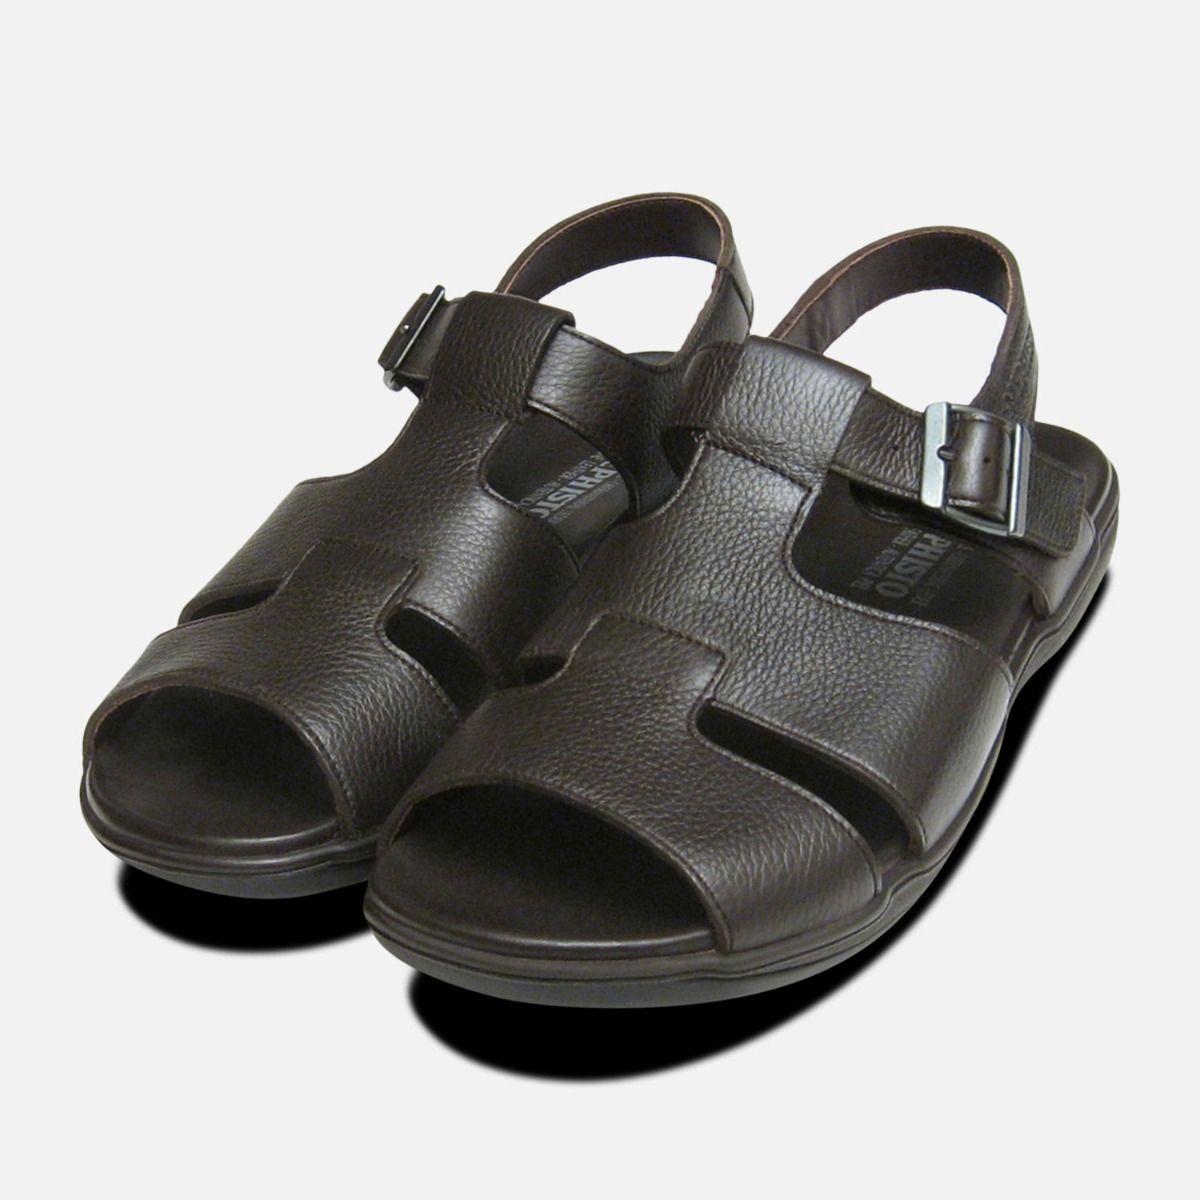 Dark Sacco Mens Mephisto Brown Sandals wOPvmNny08